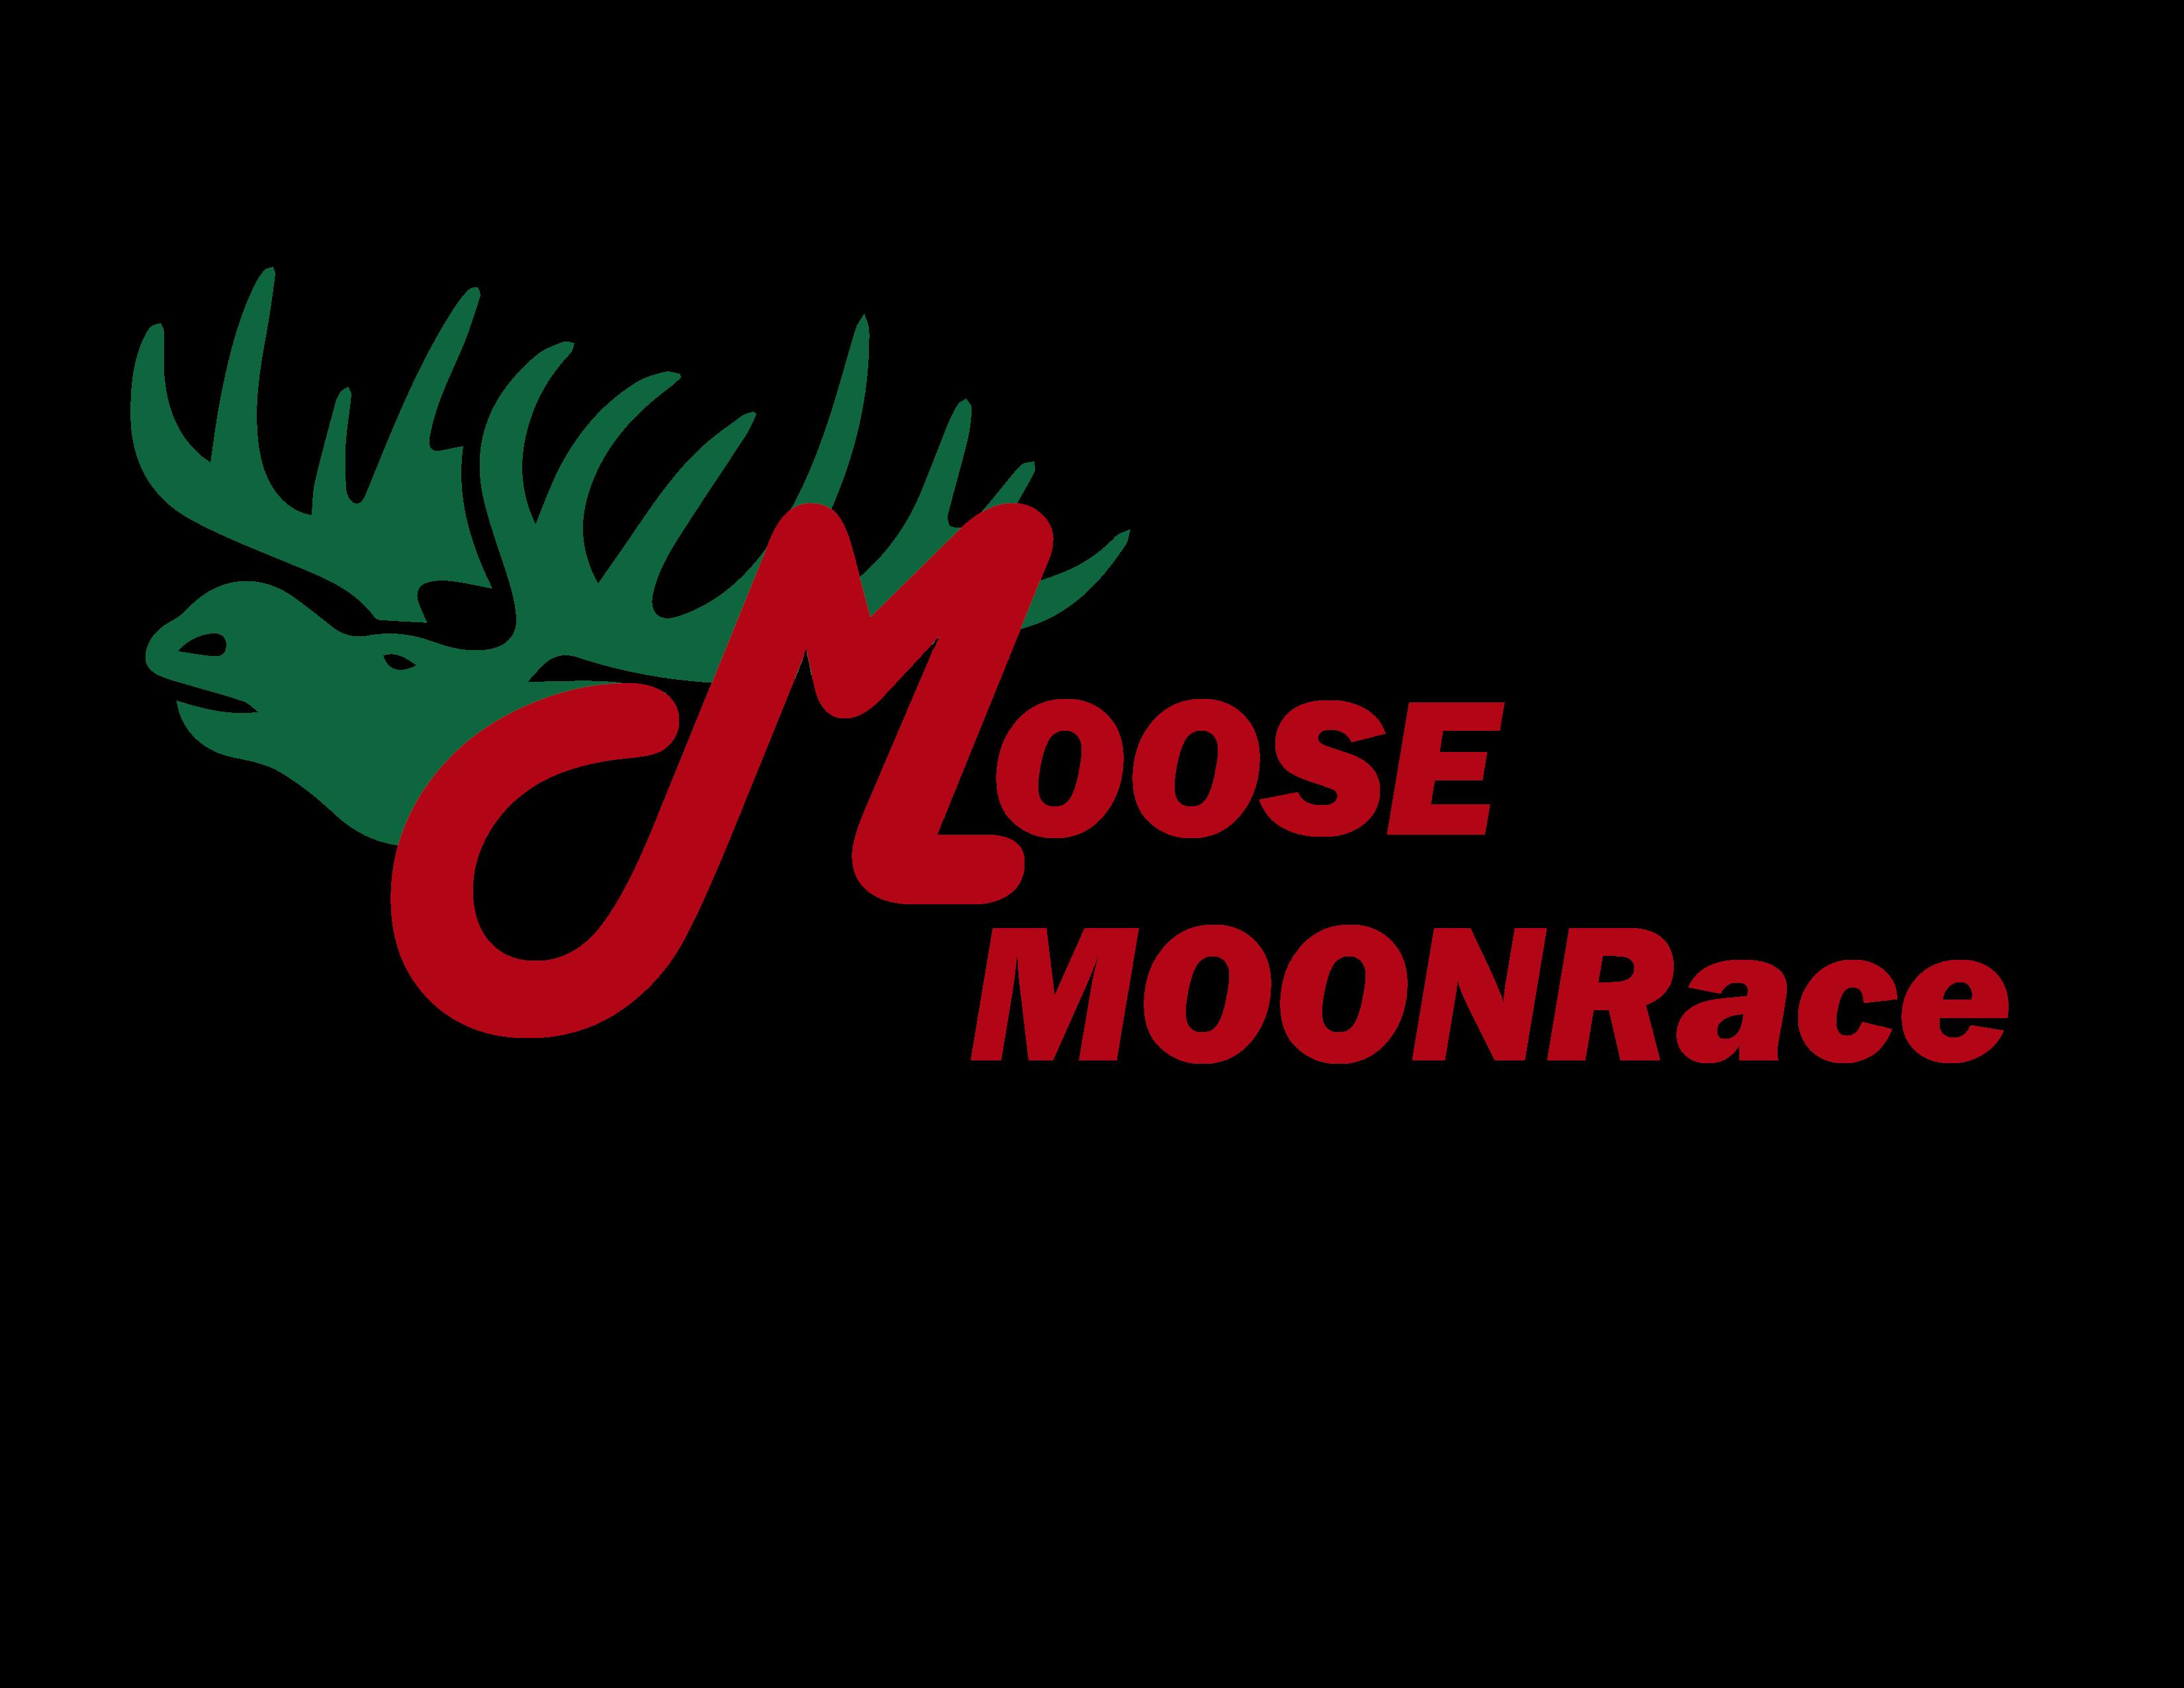 Moose MOONRace company logo